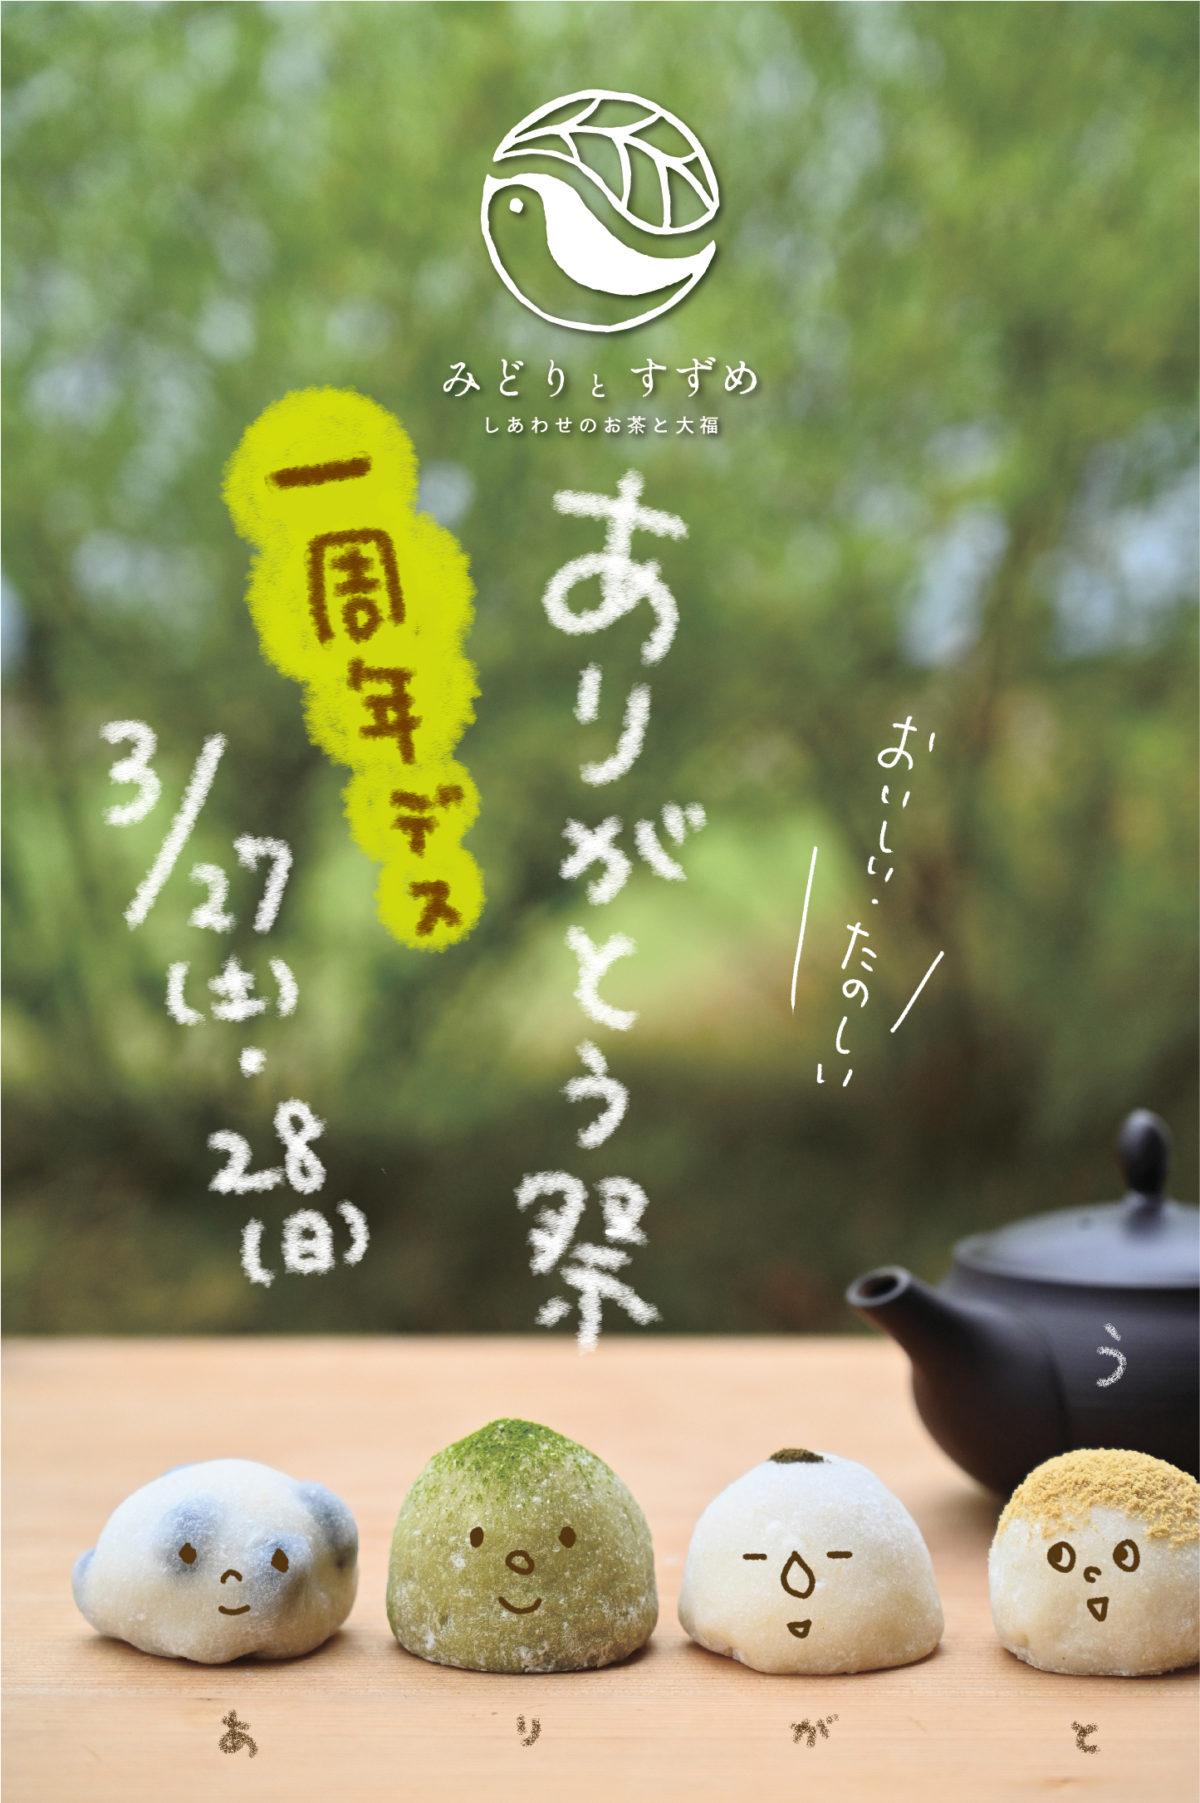 おかげさまで1周年【ありがとう祭】開催いたします。3/27(土)・28(日)